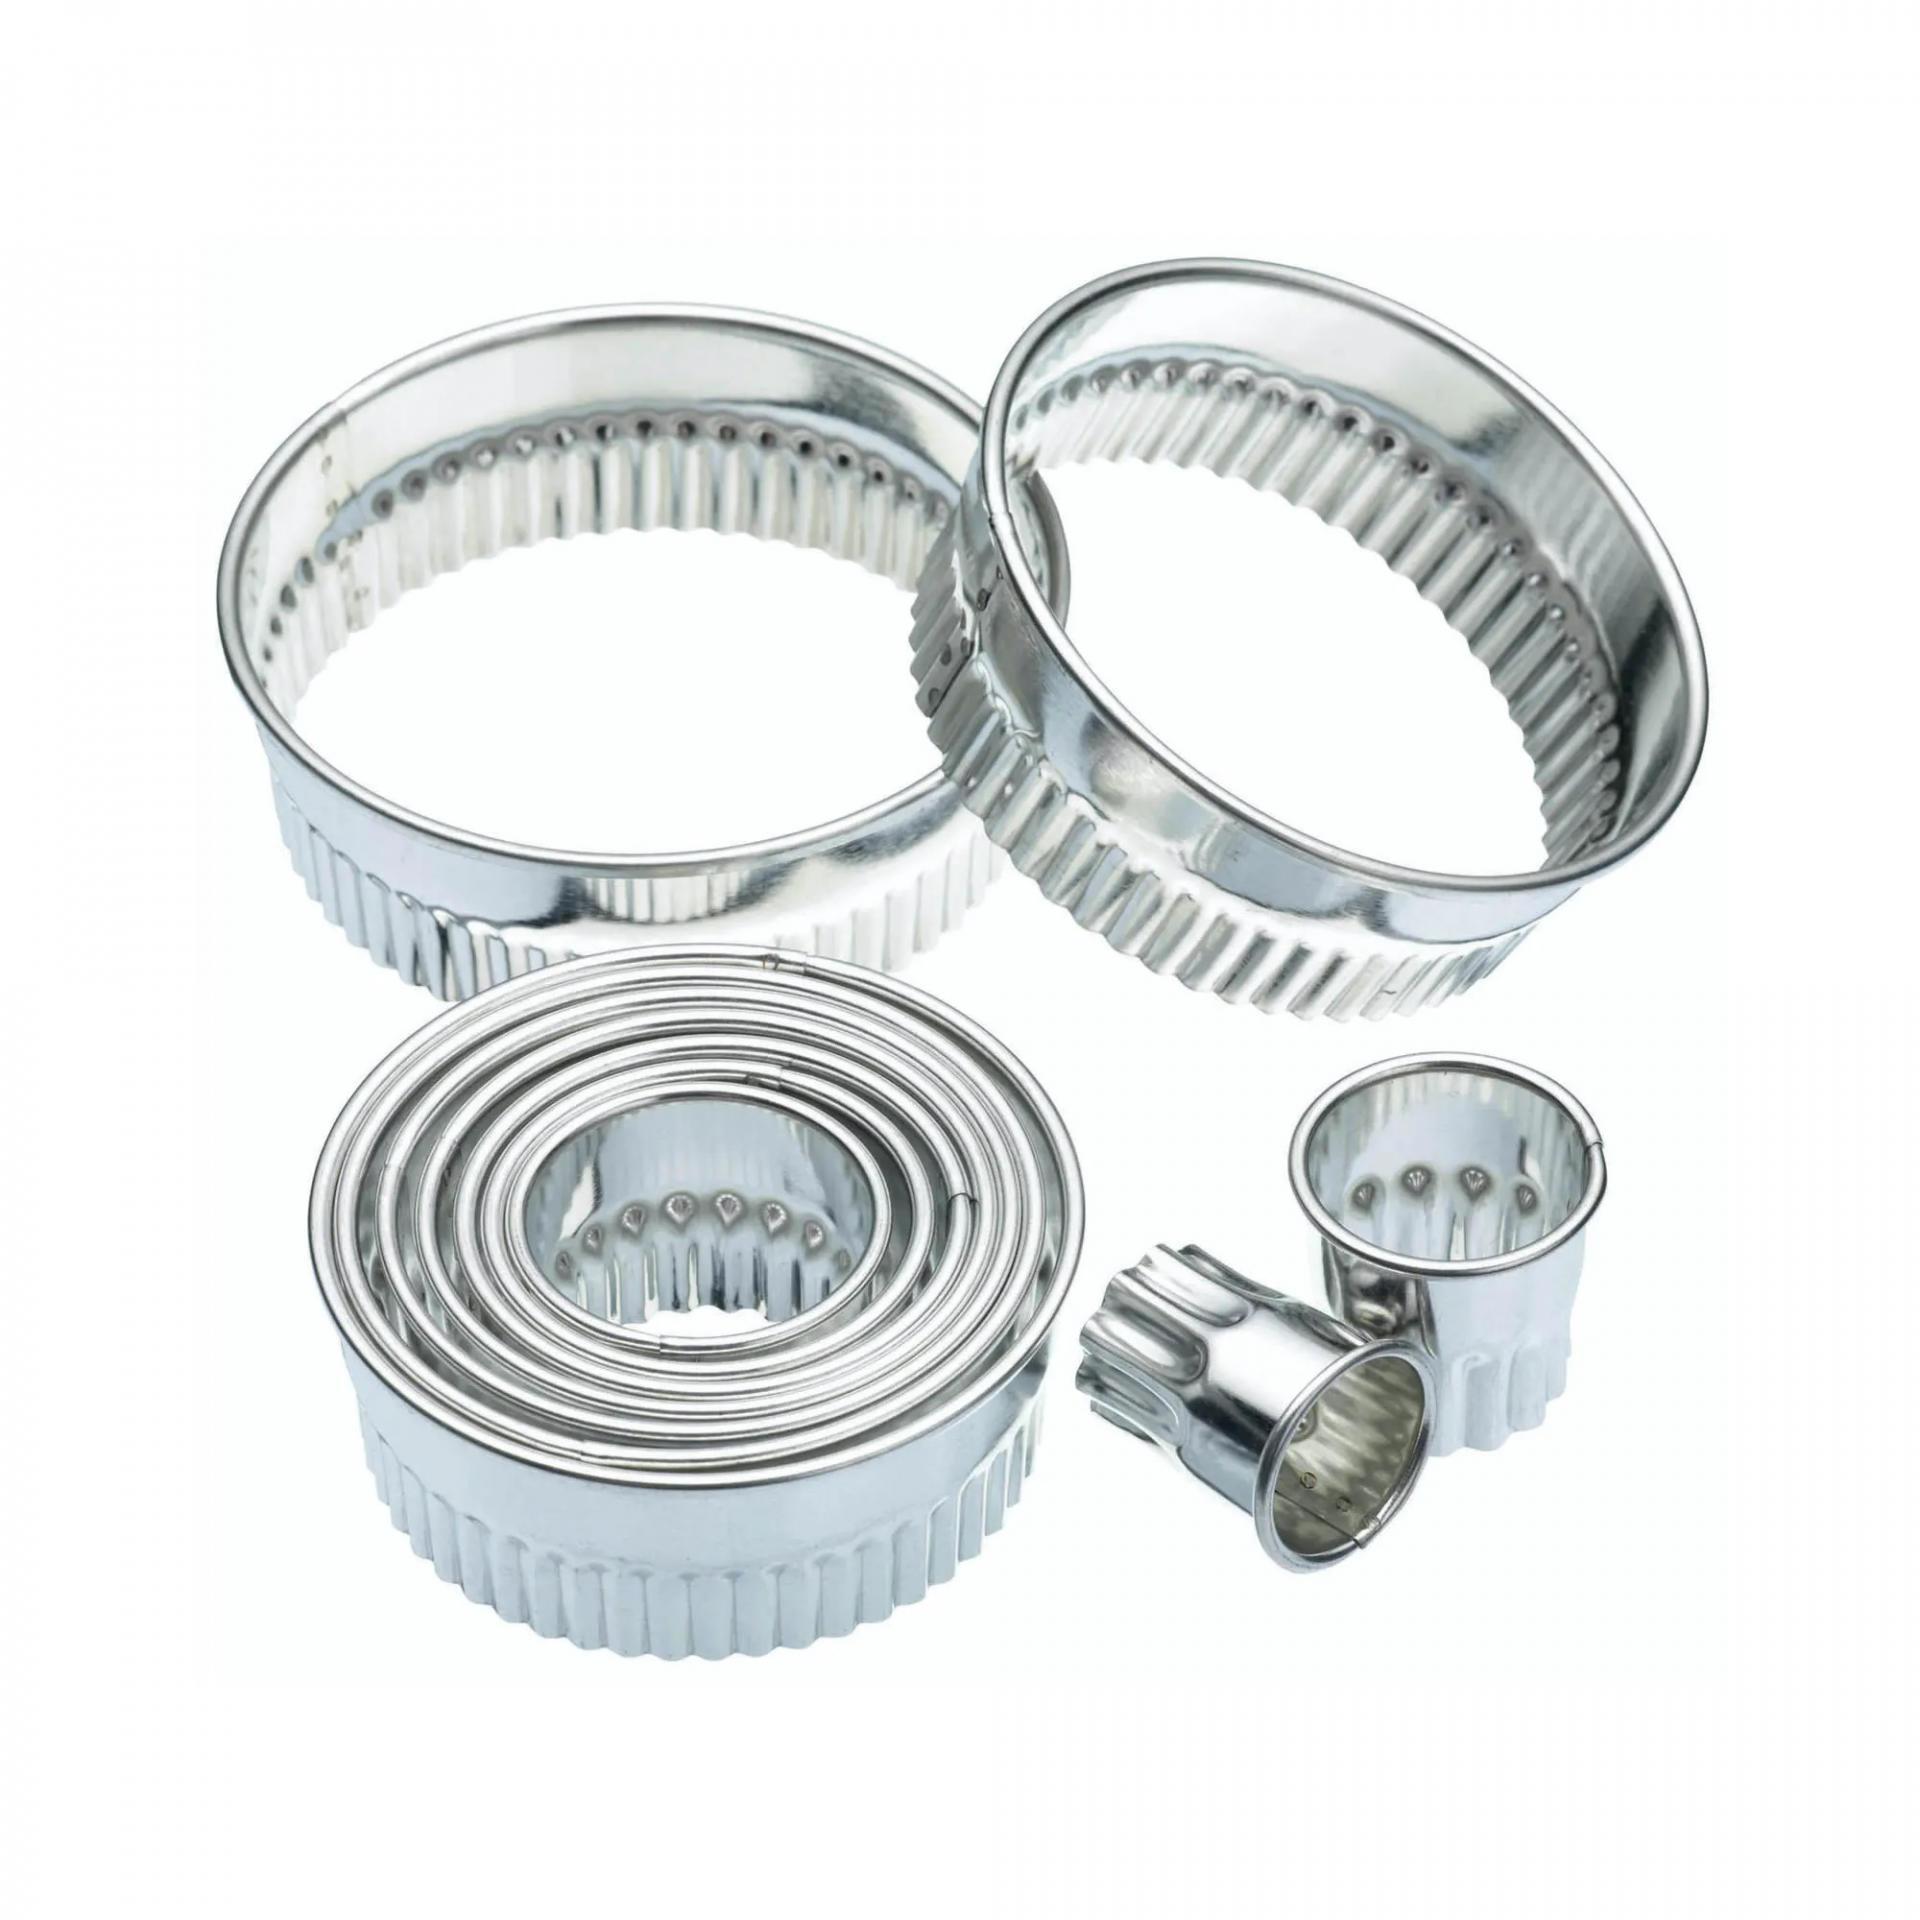 Kitchen Craft Set vykrajovátek Cookie - 10 ks, stříbrná barva, kov